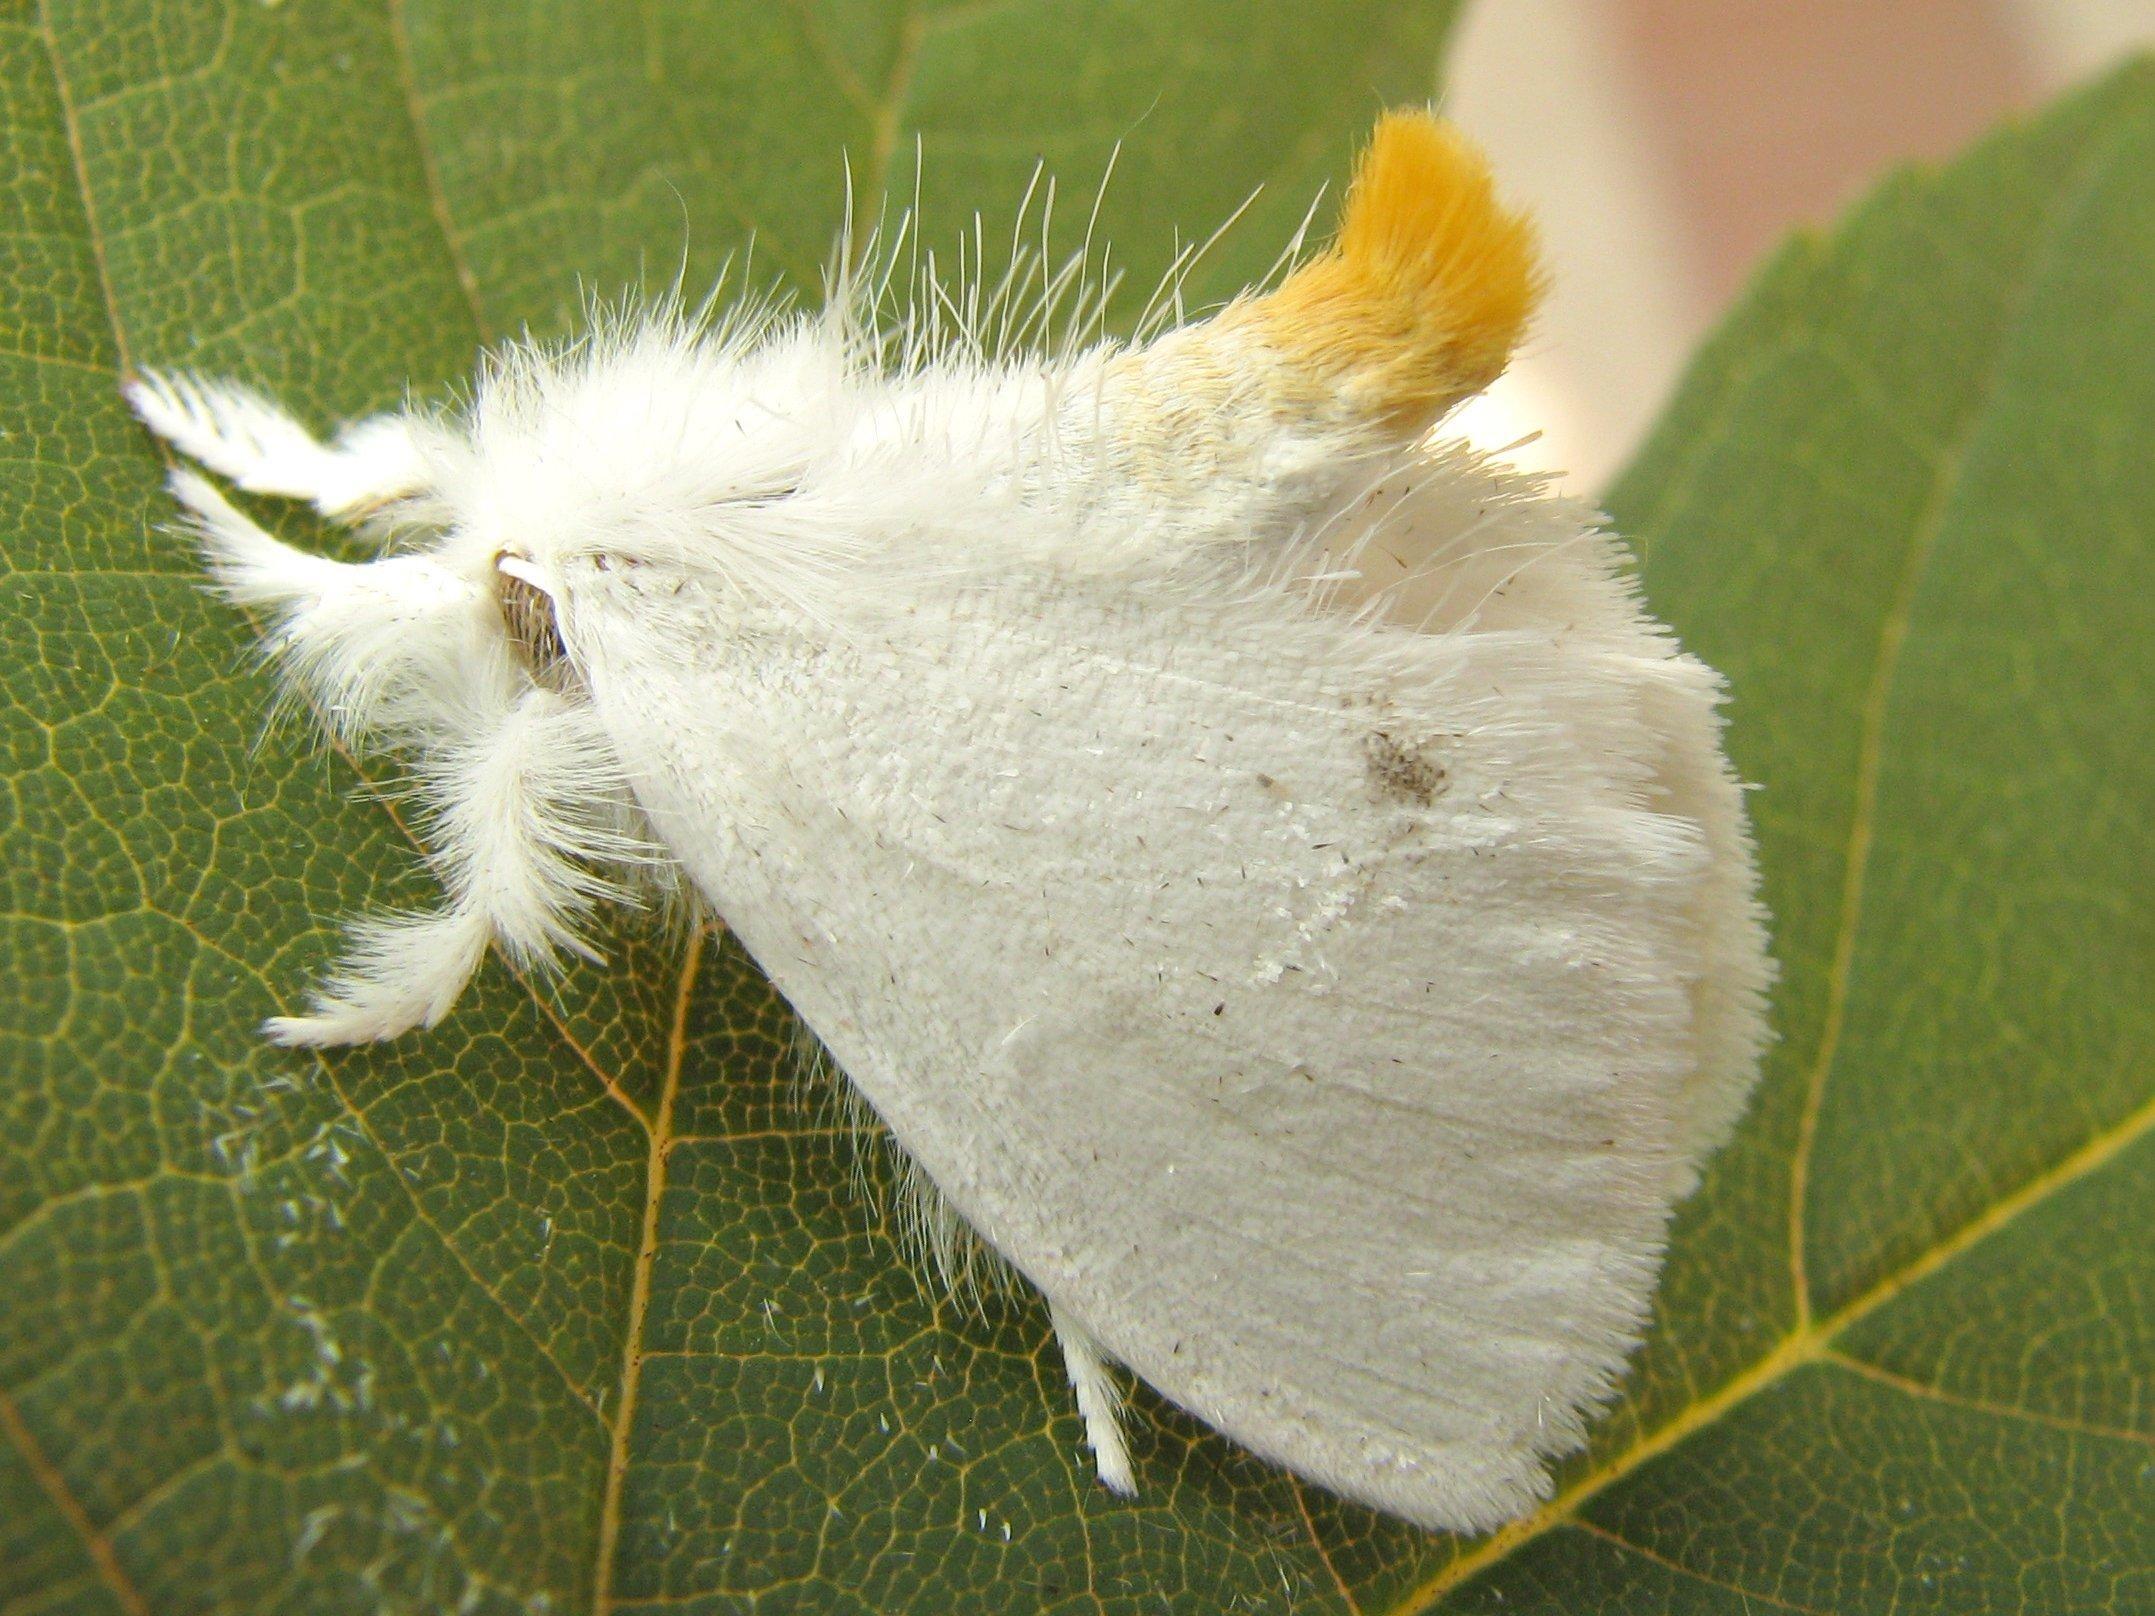 Ein Schwan, euproctis similis, (Schmetterling) sitzt auf einem Blatt. Er ist schneeweiß und es stehen viele Haare von ihm ab.